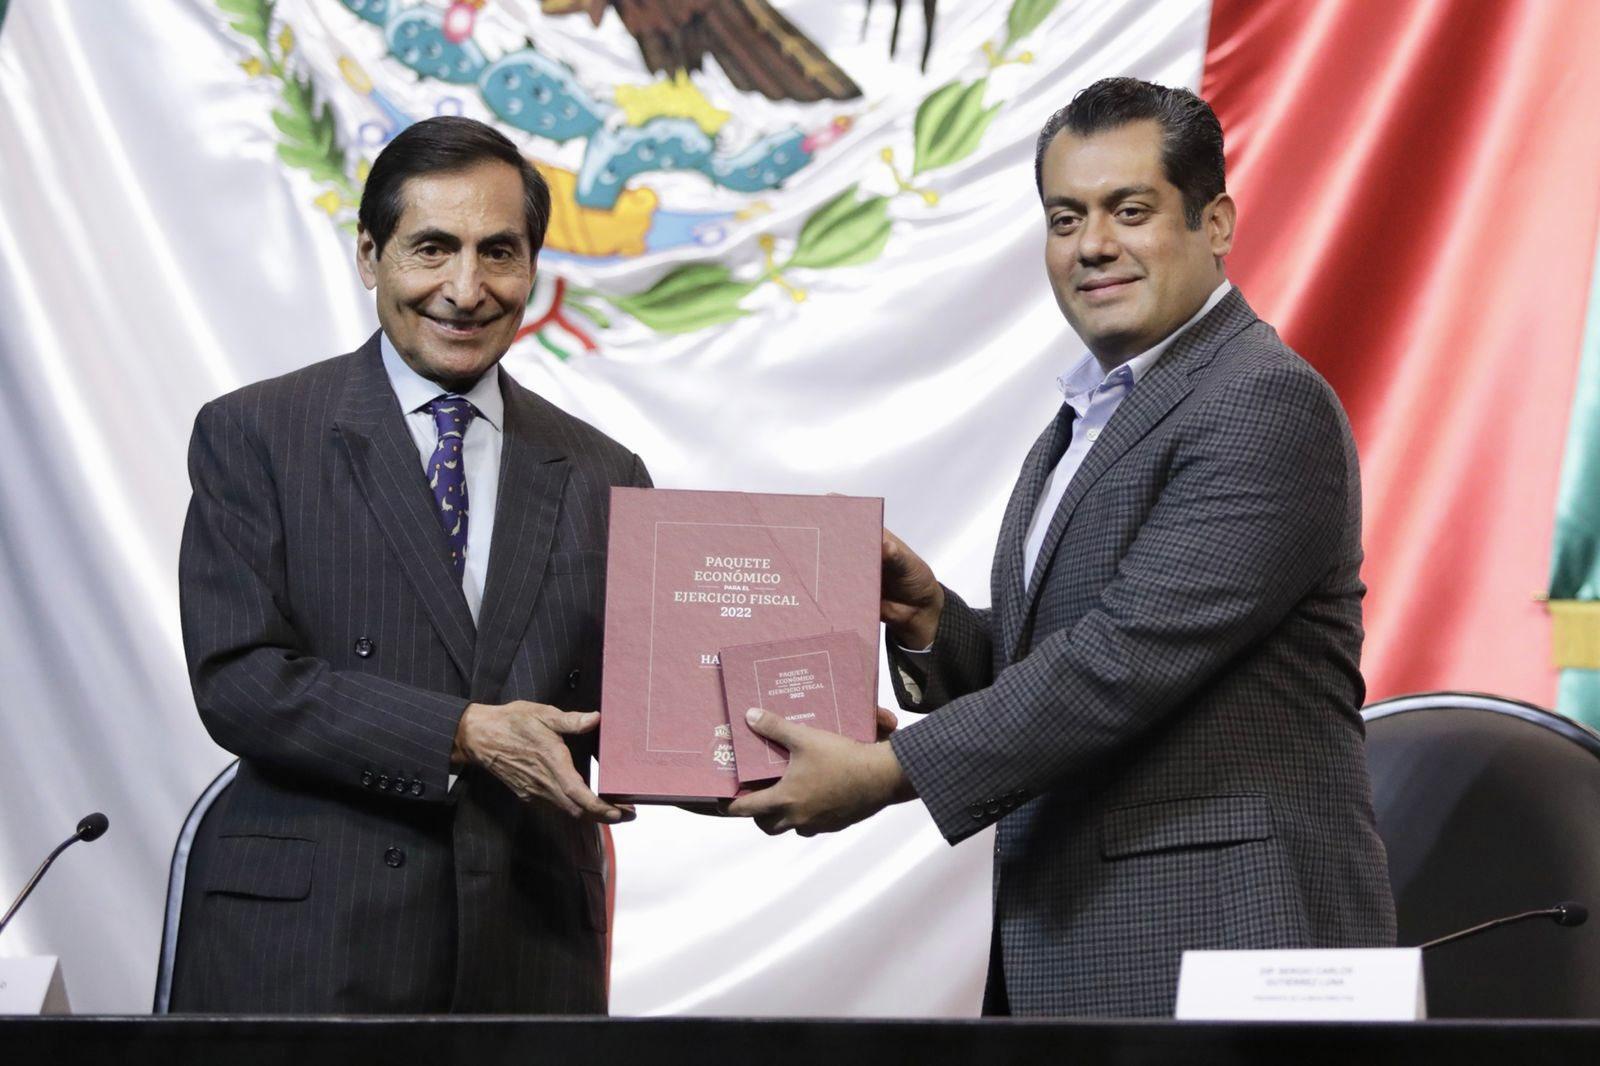 Mario Delgado Paquete Económico 2022 es ejemplo de inversión social histórica y finanzas públicas sanas 2